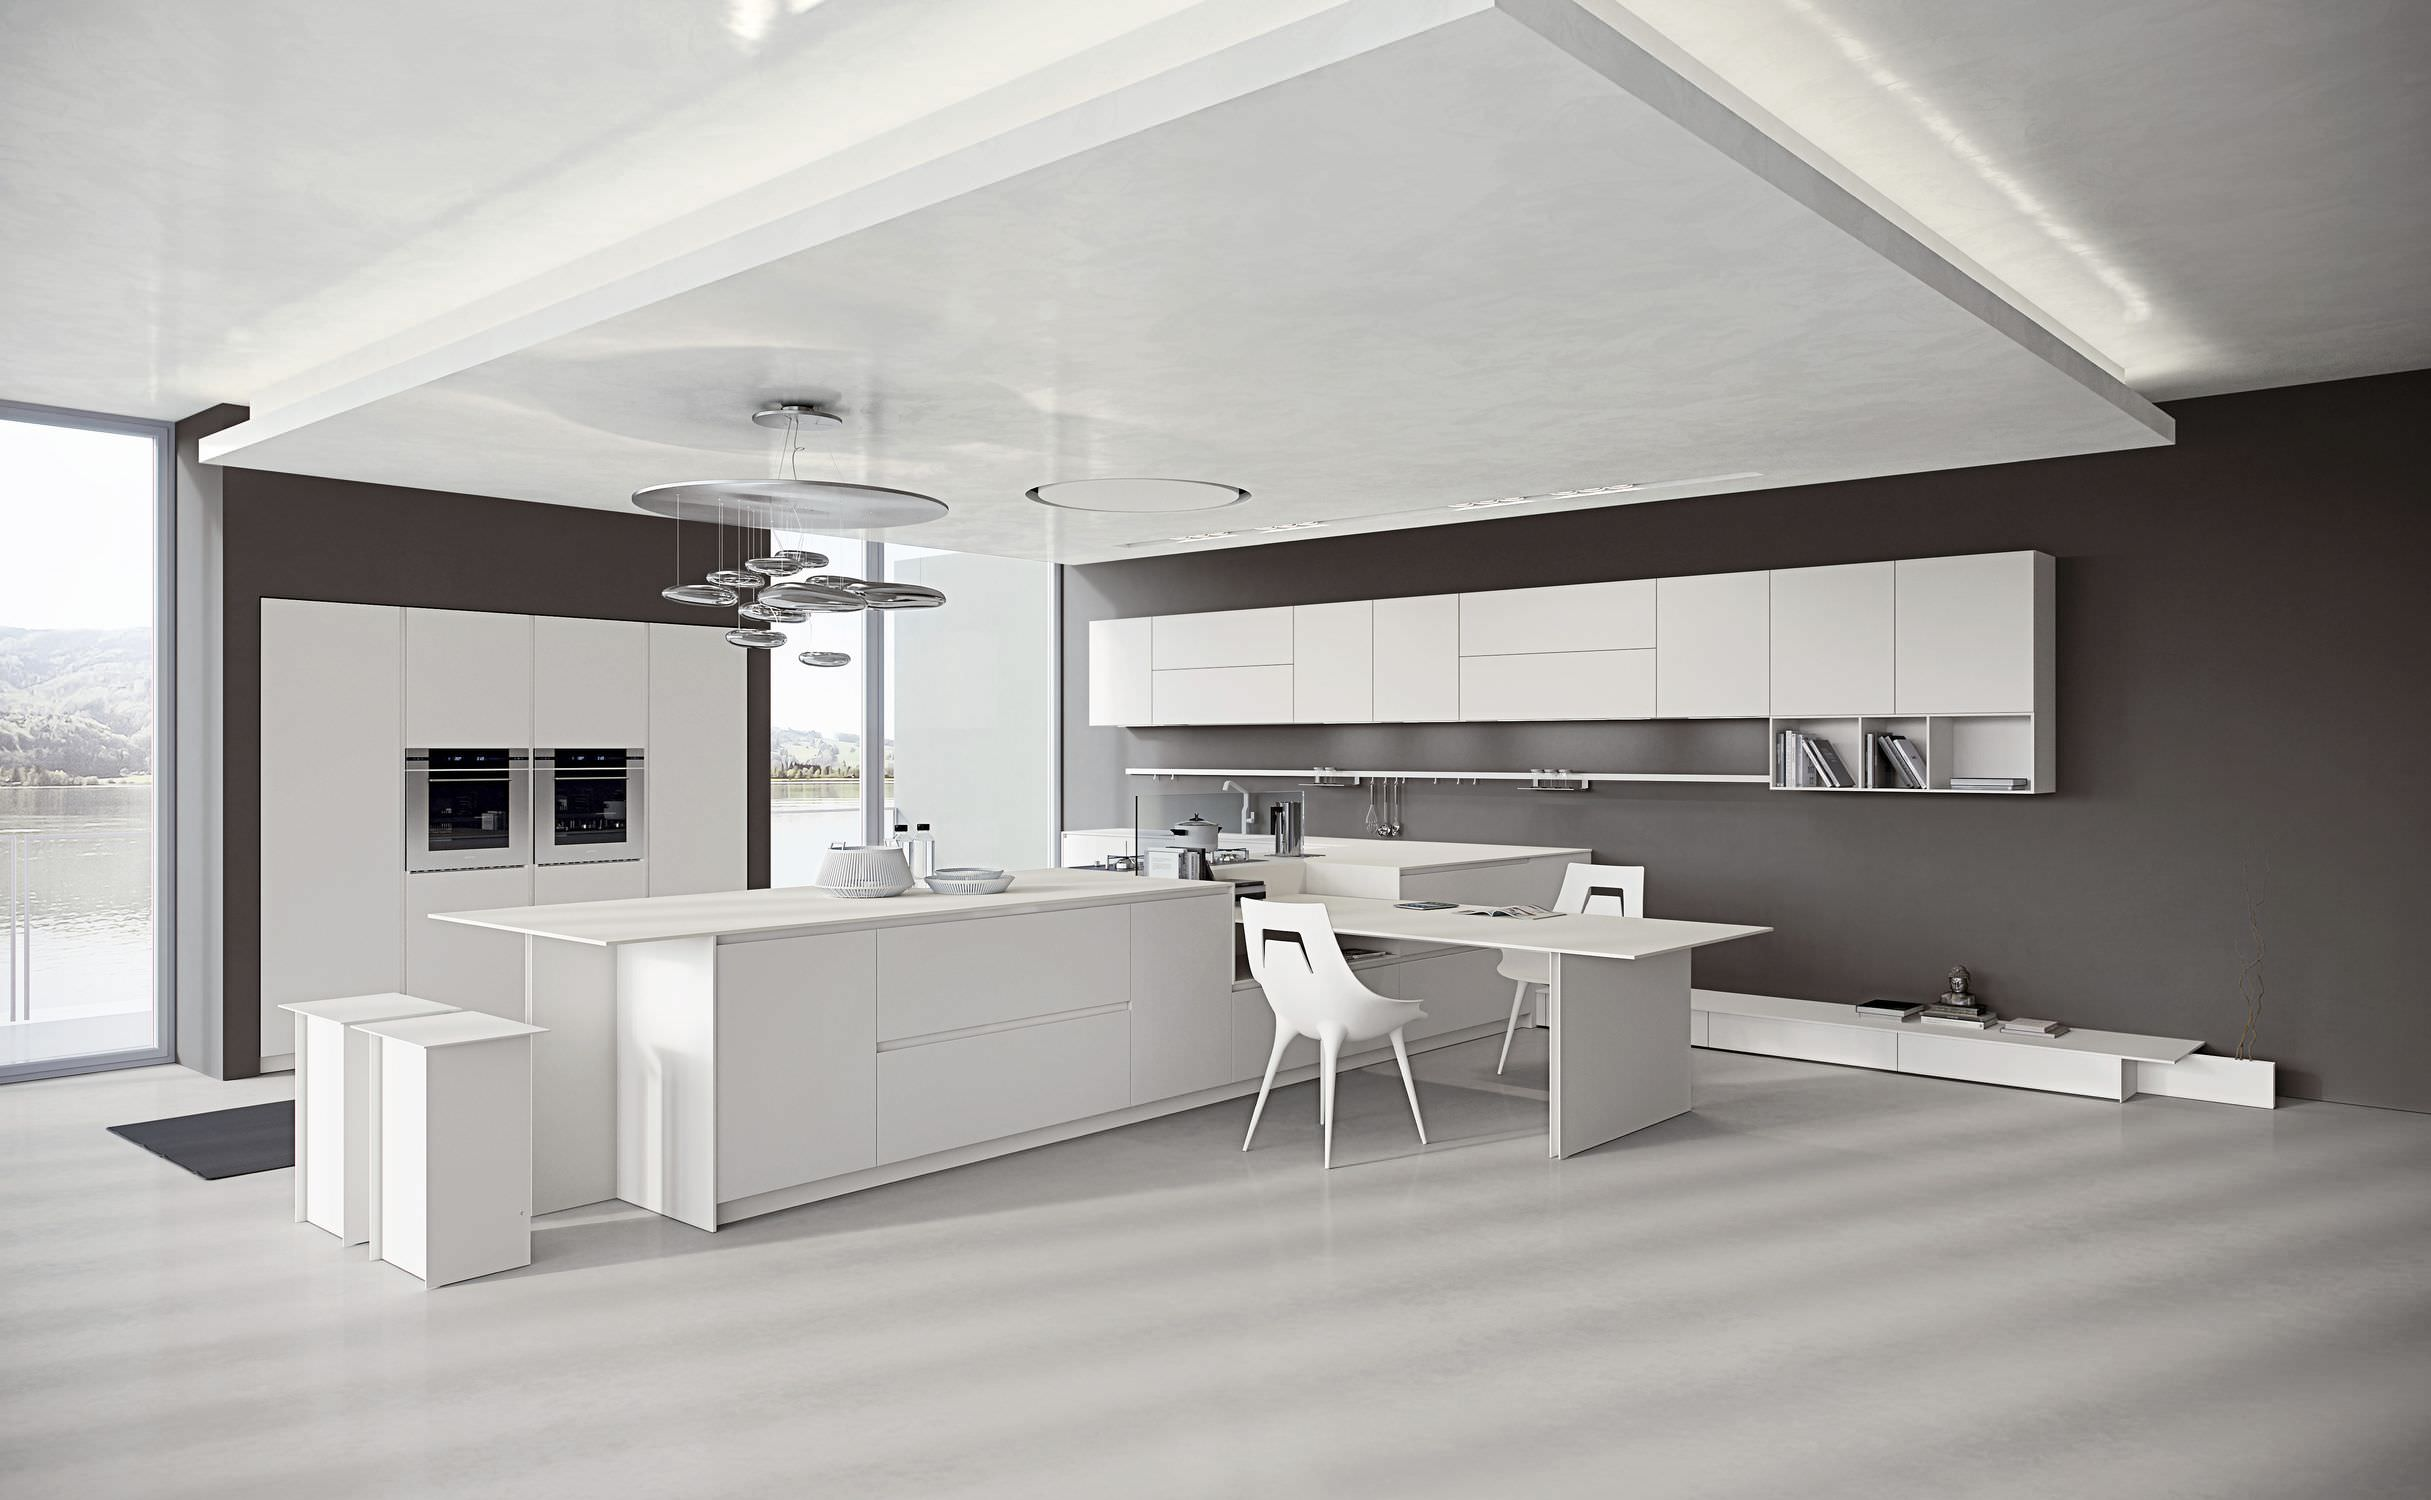 Cucina Moderna Bianca Laccata cucina moderna - ak_04 8 - arrital - in corian® / laccata